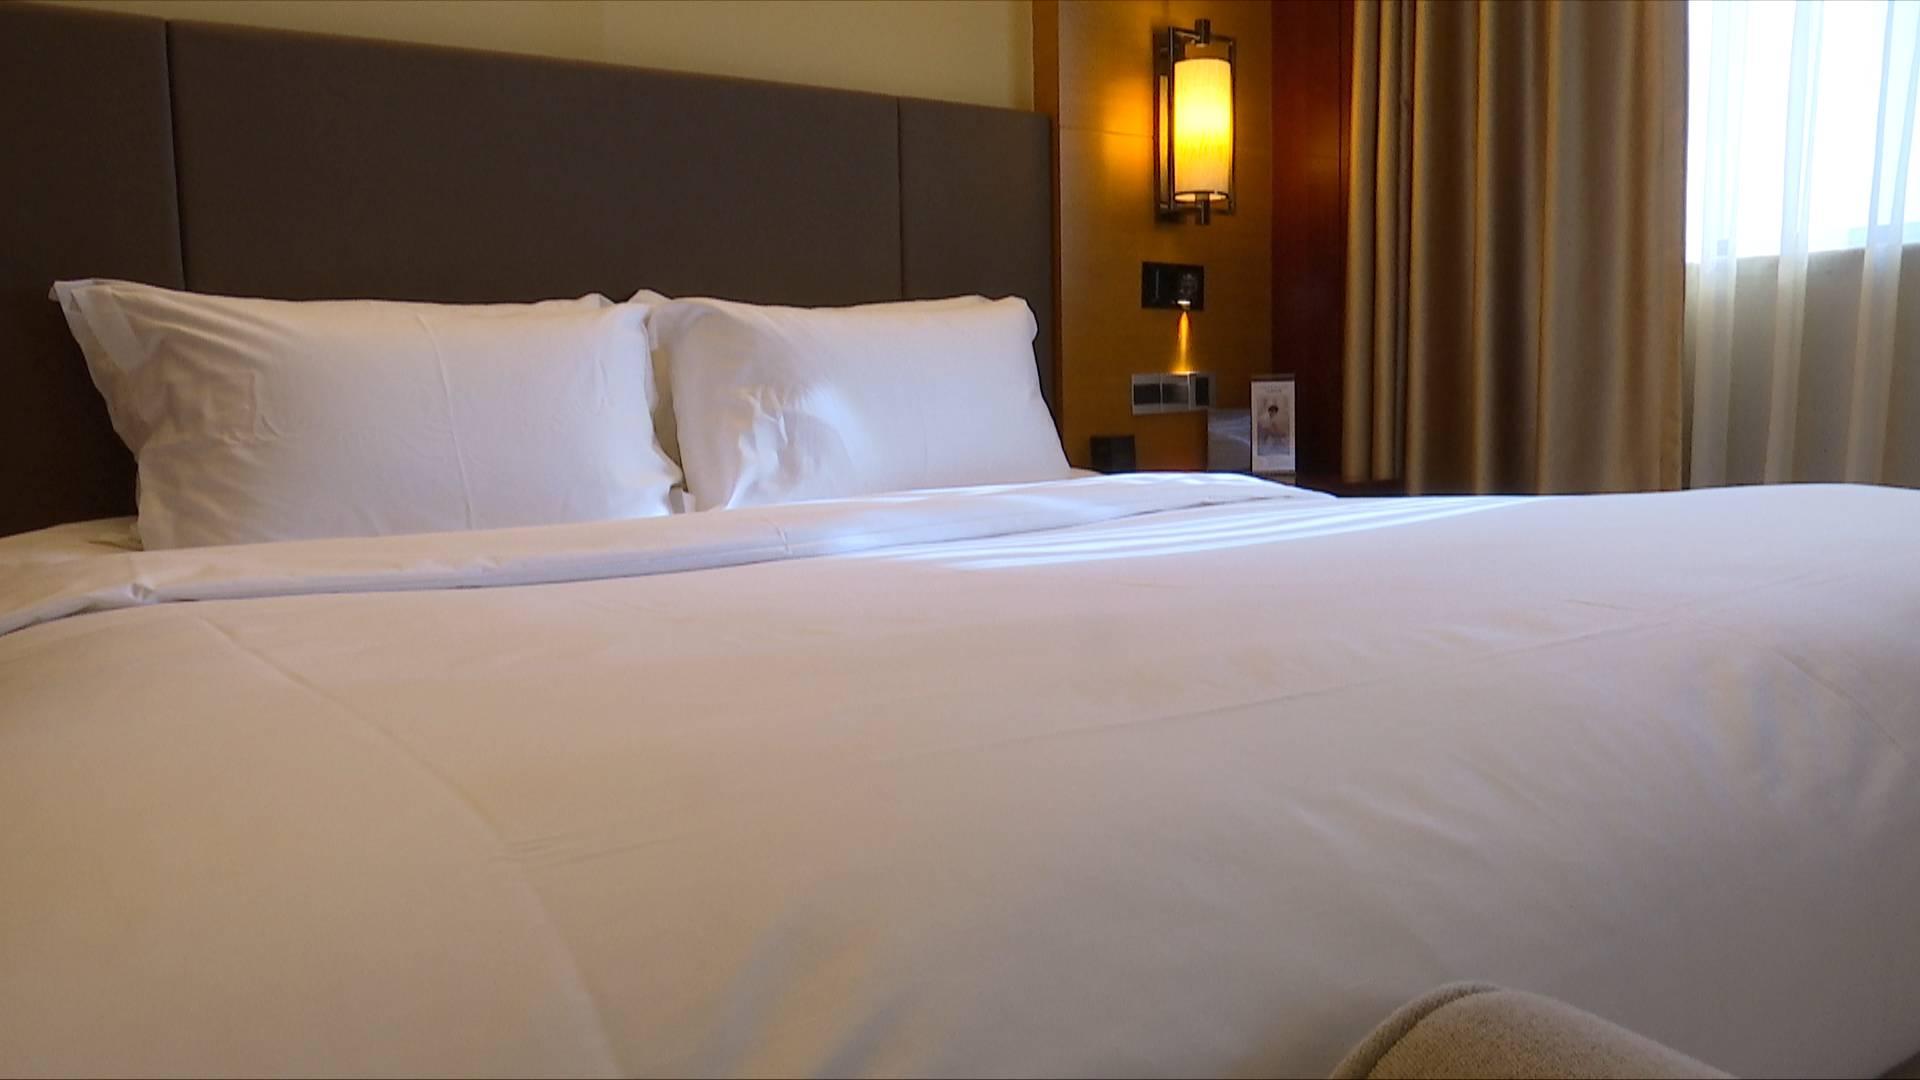 酒店卫生乱象频发 记者实地调查:山东酒店企业如何杜绝